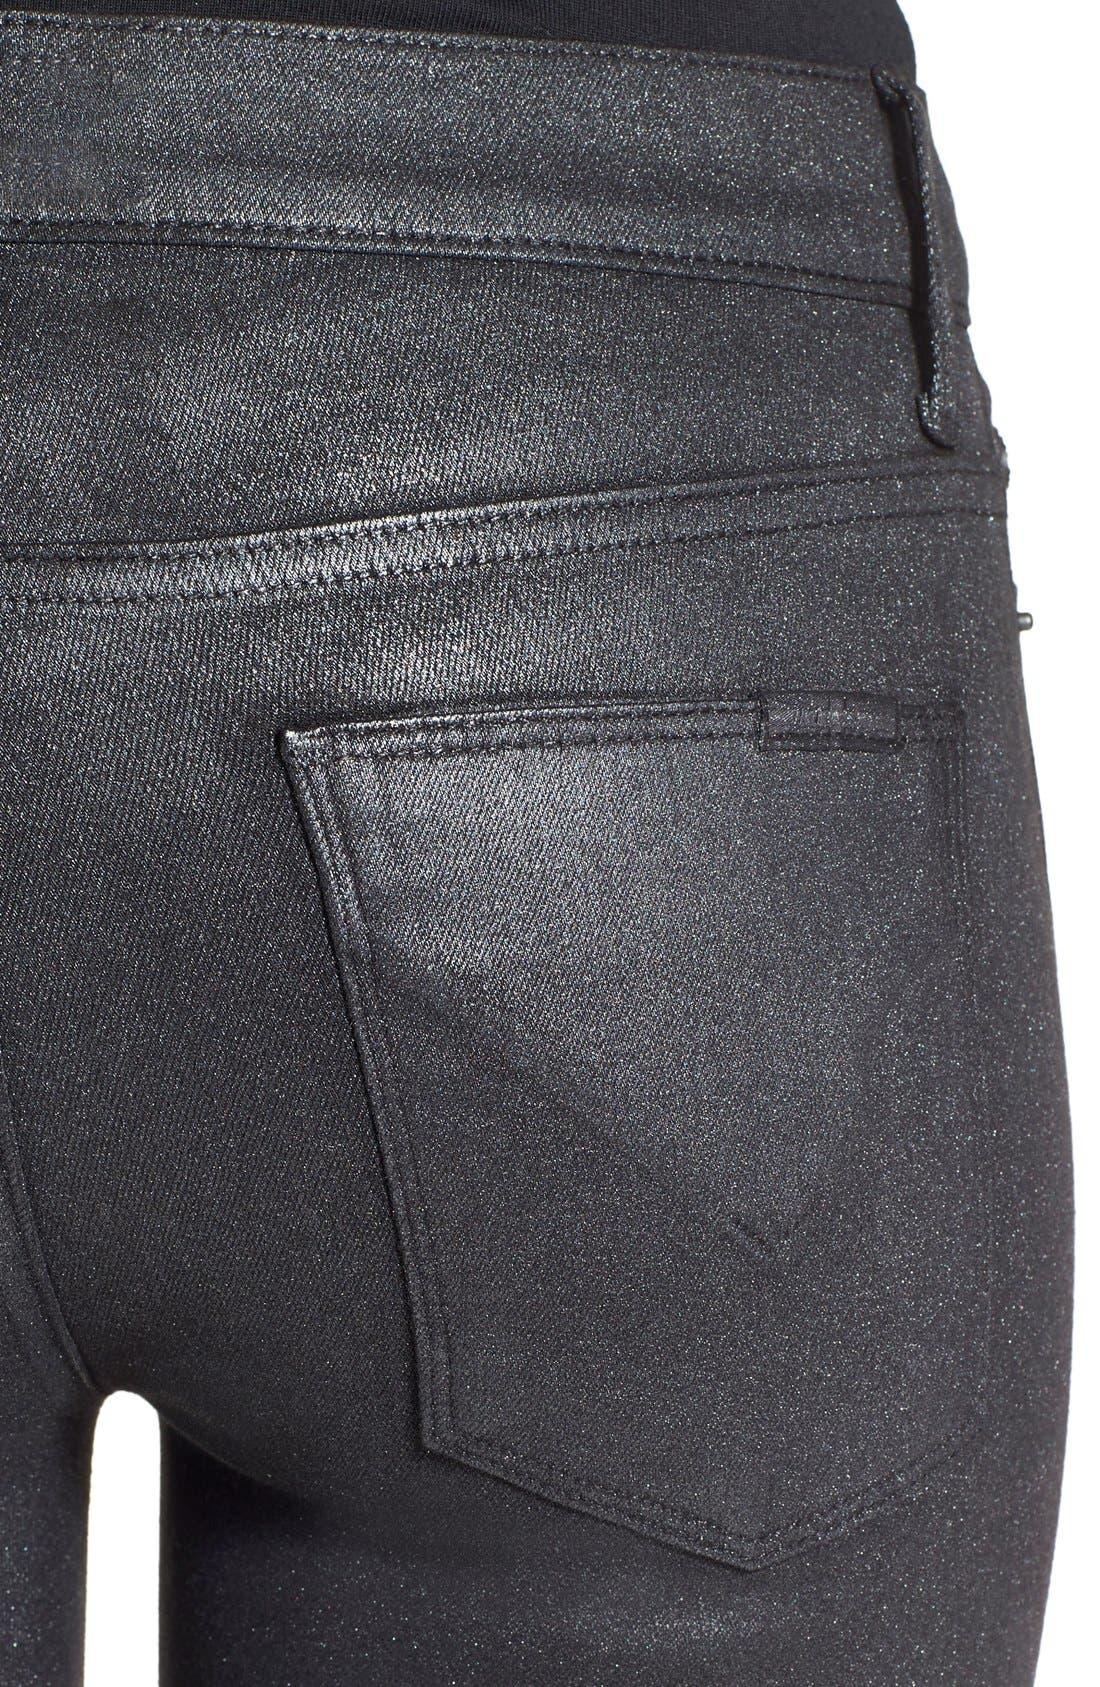 Alternate Image 4  - HudsonJeans Coated Super Skinny Jeans